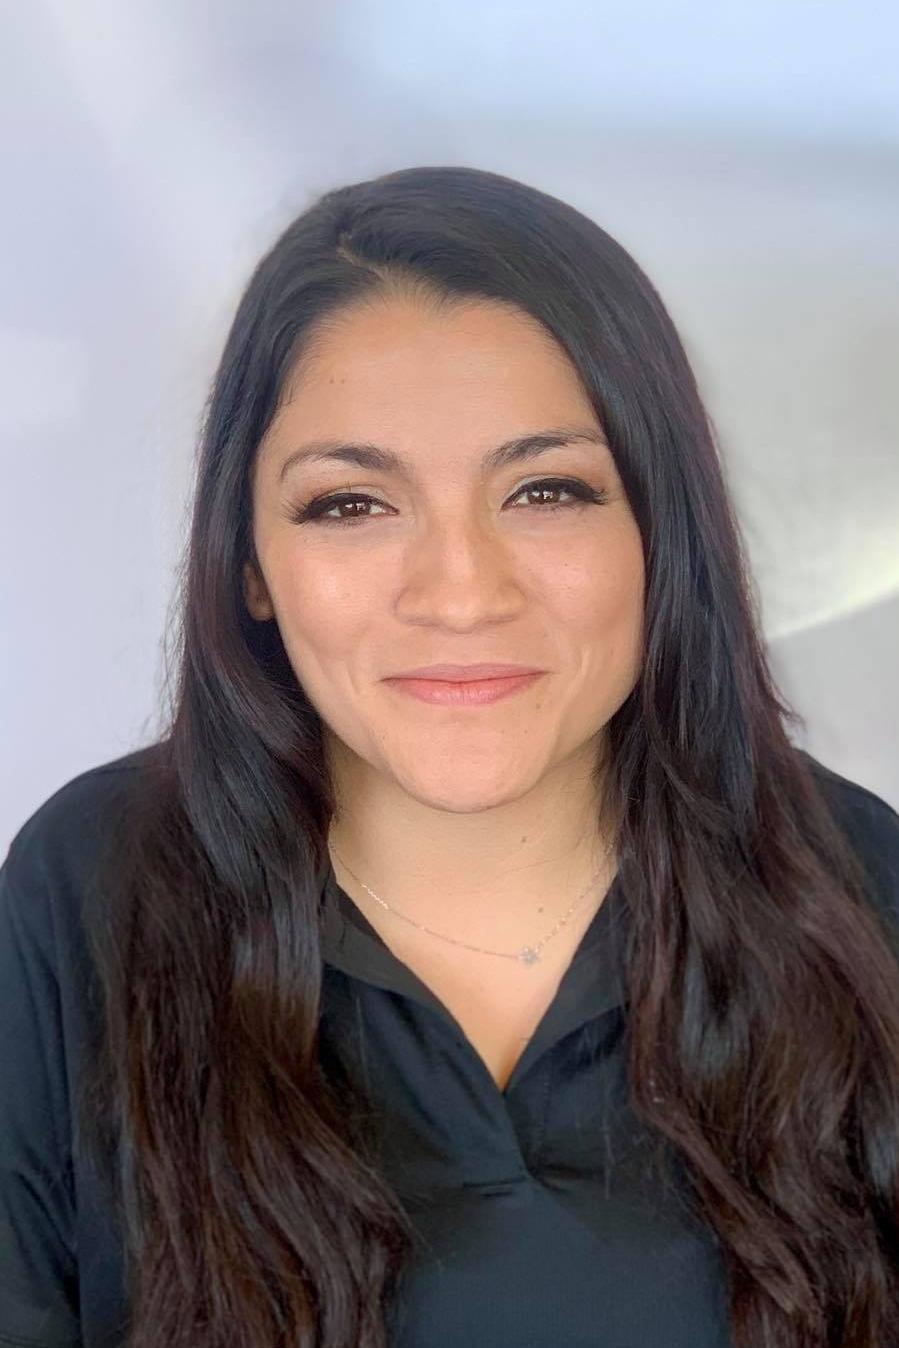 Natasha Andres